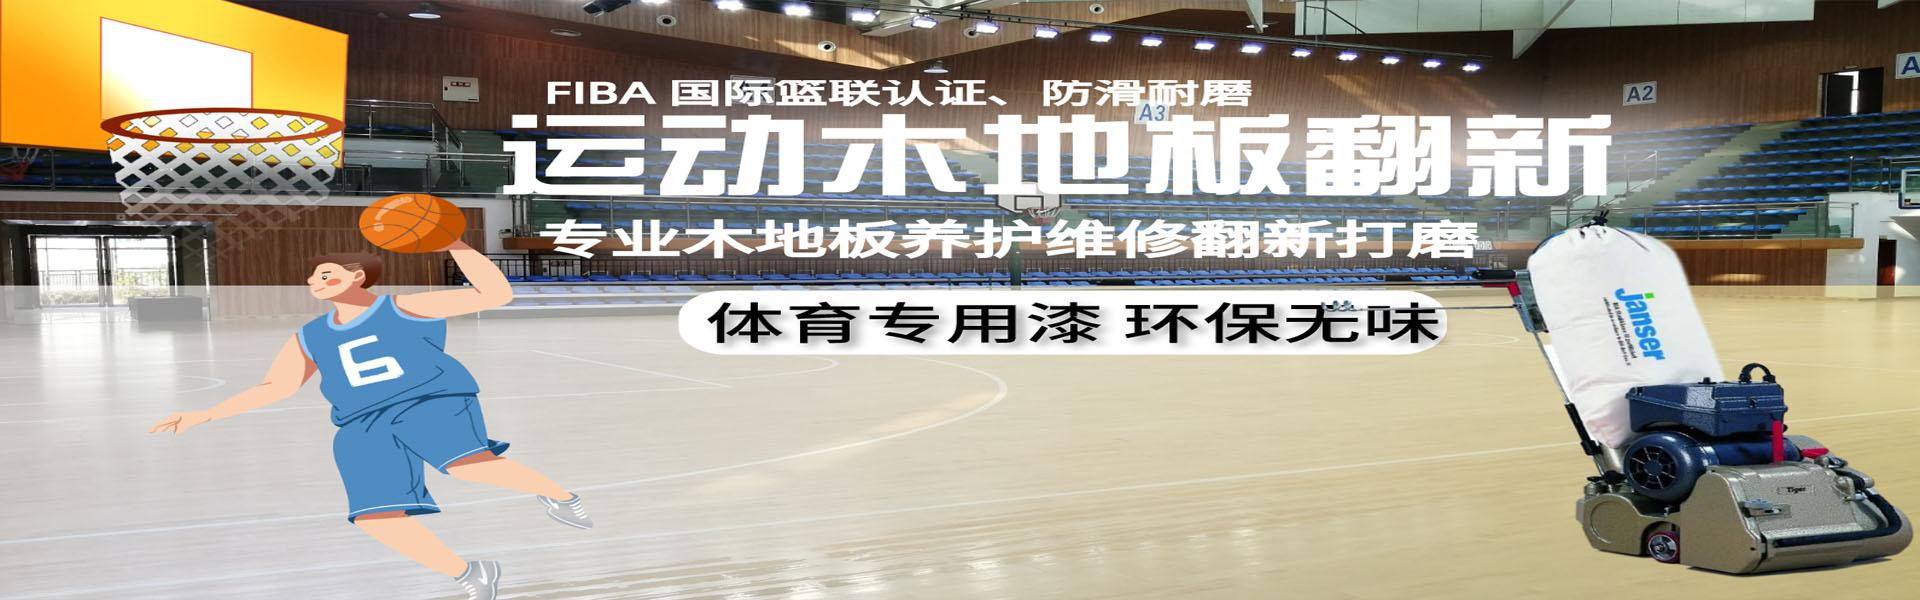 重庆木地板翻修公司